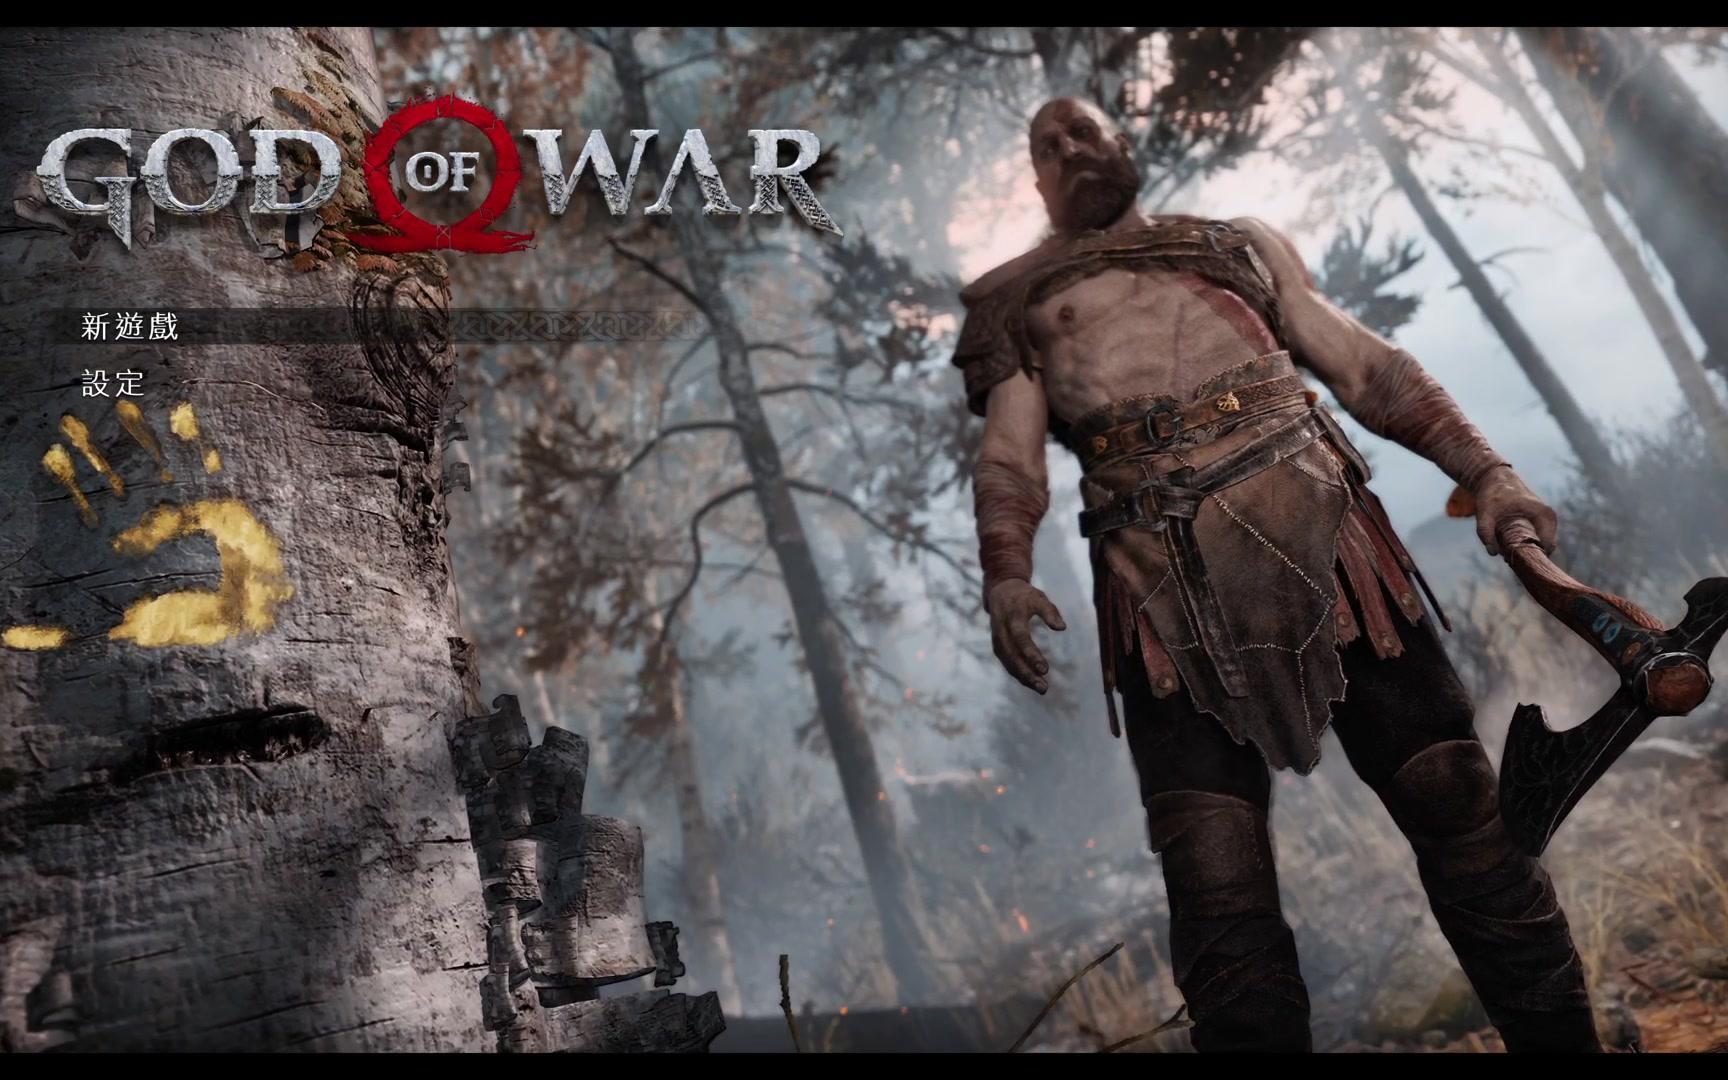 God of War_故事模式流程無剪輯版_嗶哩嗶哩 (゜-゜)つロ 干杯~-bilibili